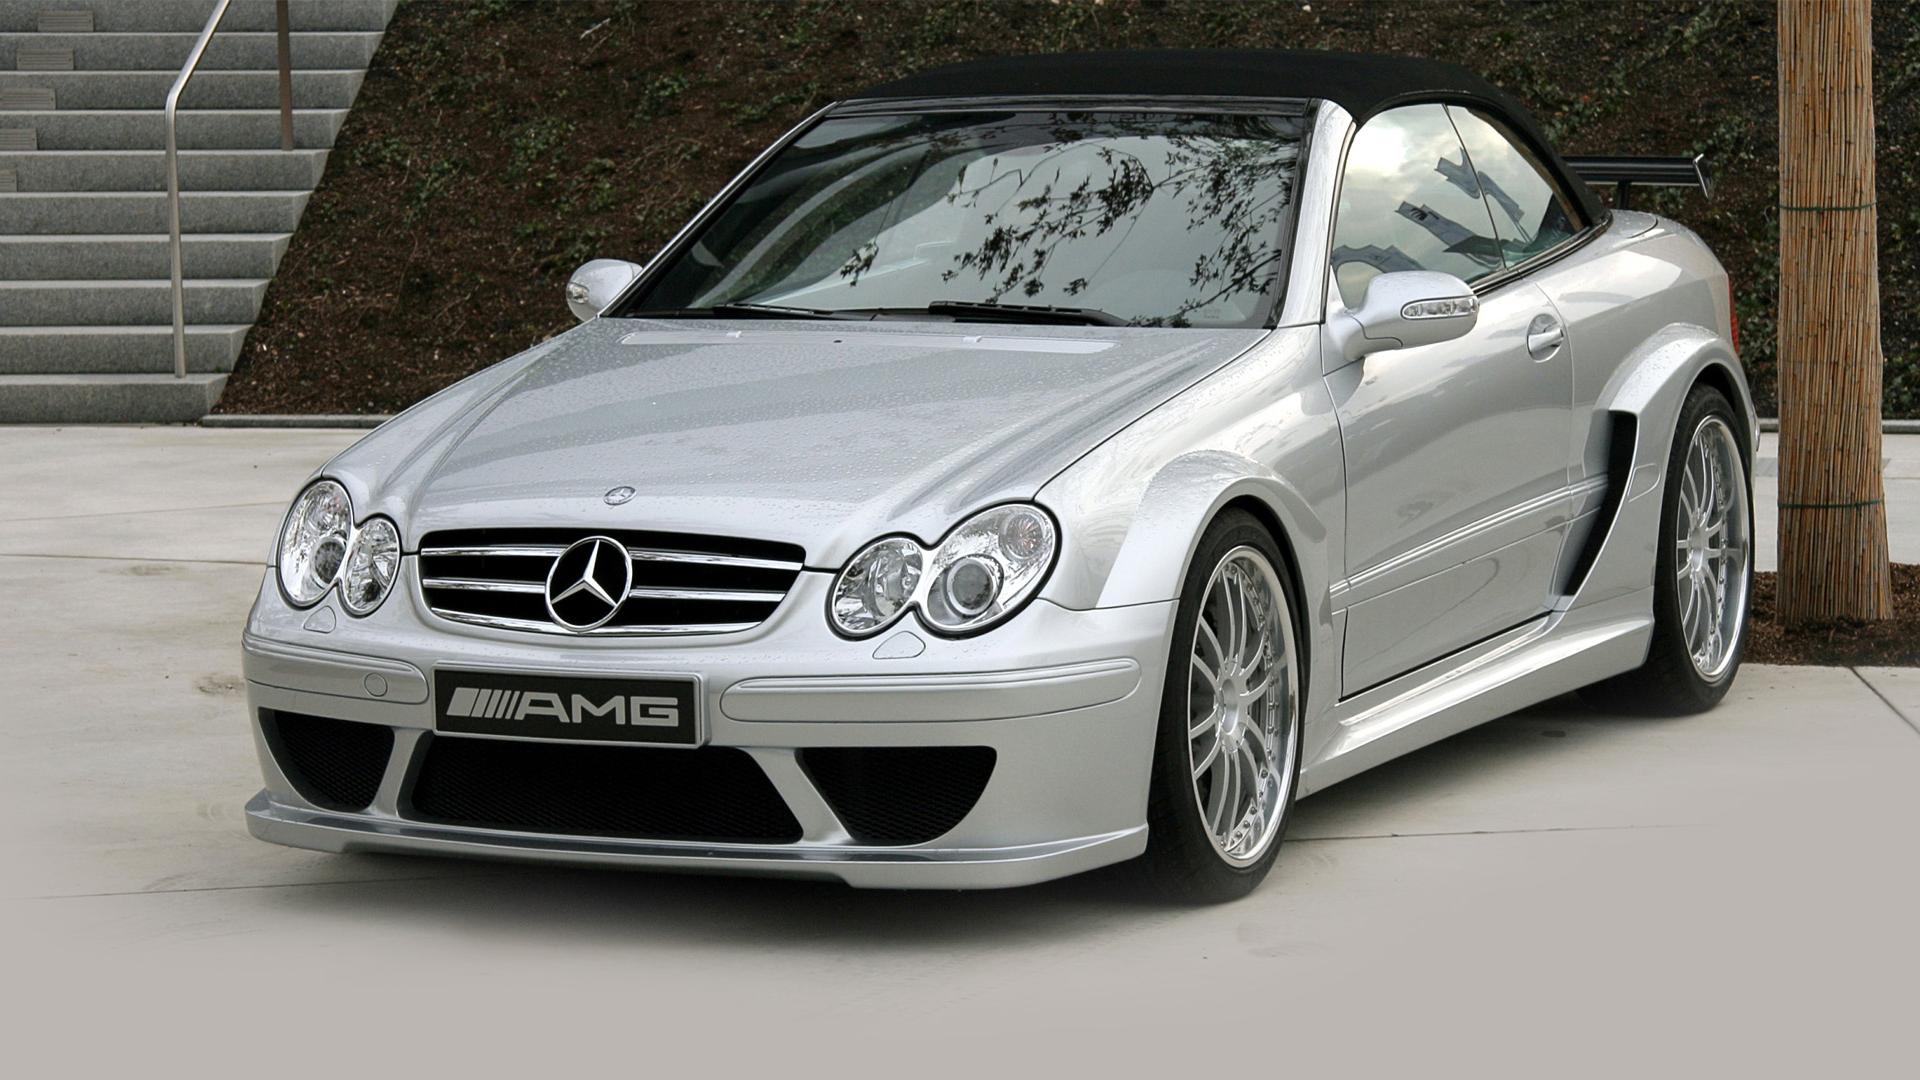 Car Wallpapers Mercedes Benz Clk Dtm Amg Cabriolet Car